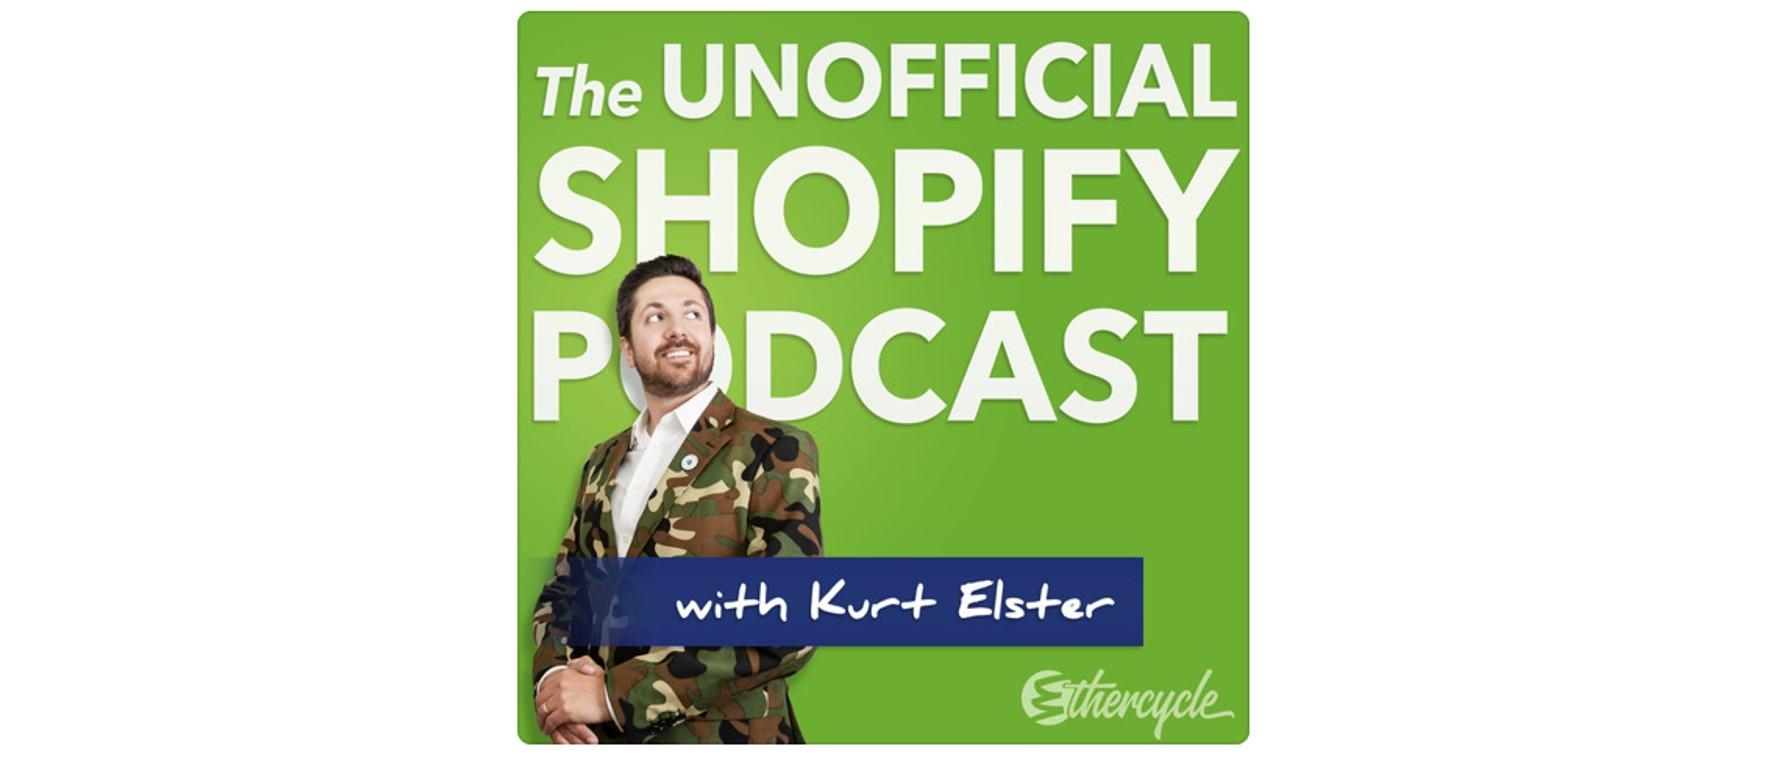 Shopify podcast